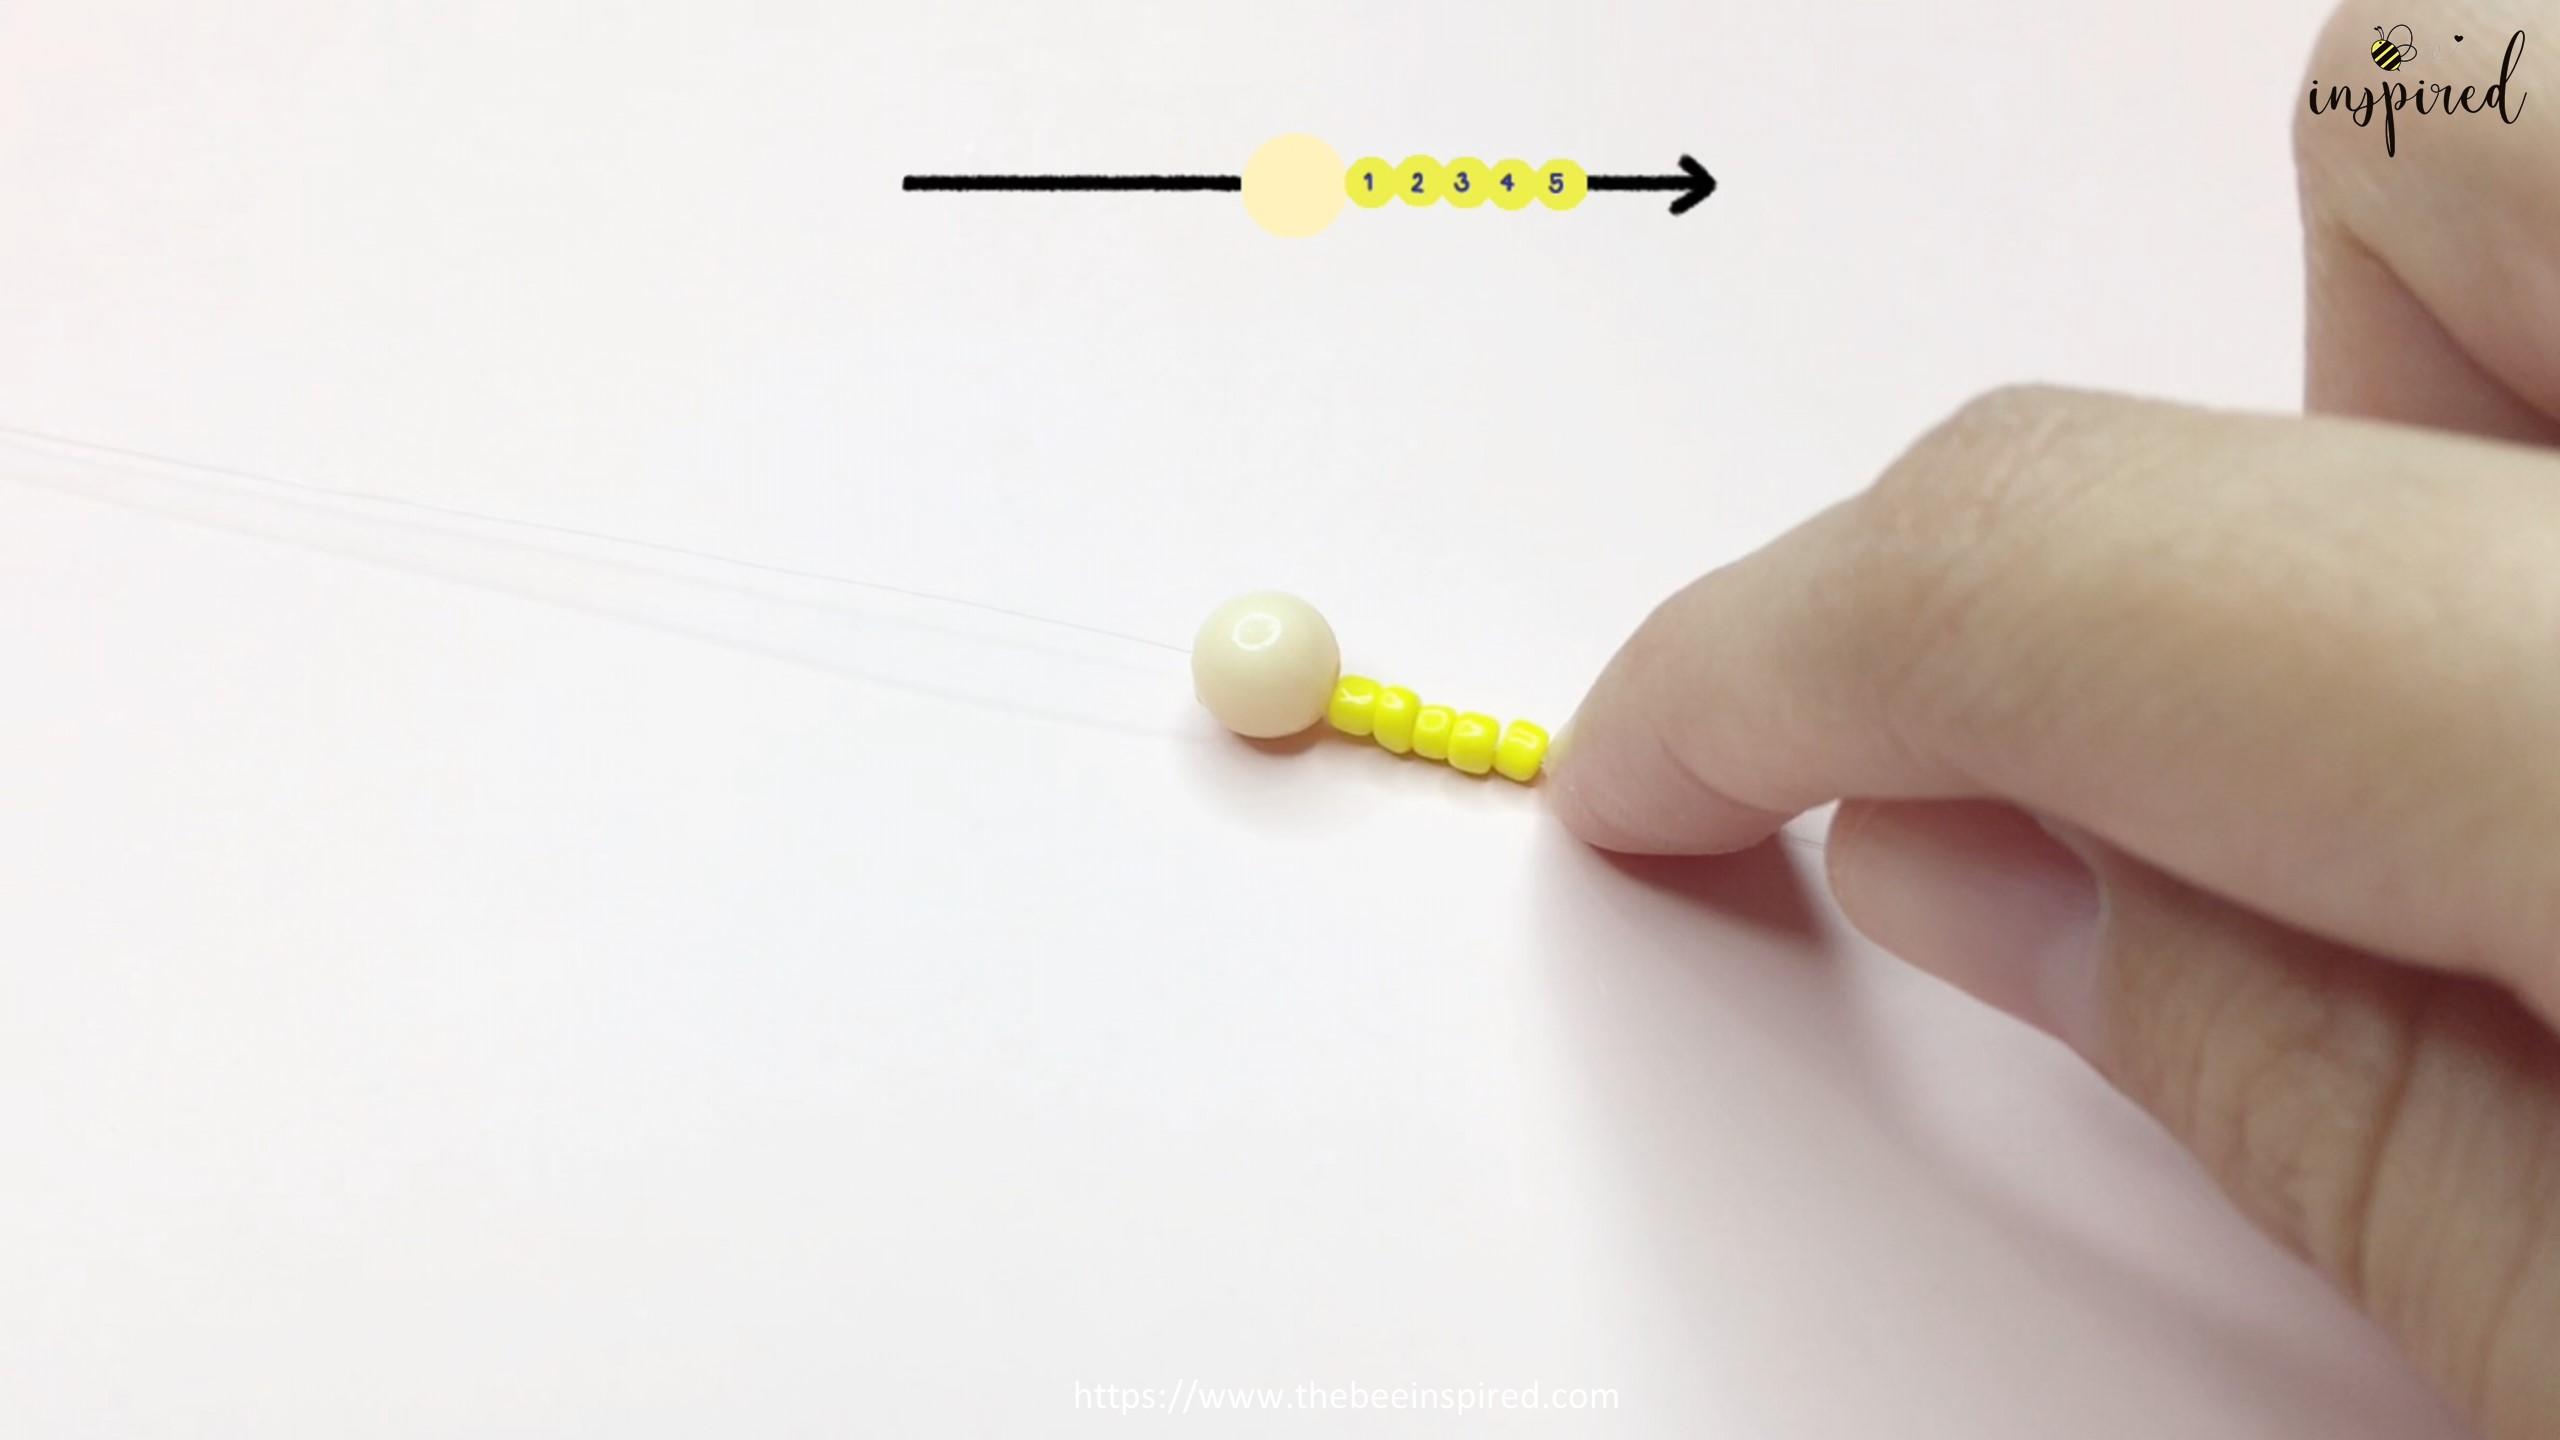 สอนร้อยแหวนลูกปัดดอกทานตะวัน ทำง่ายๆ สไตล์เกาหลี - How to Make Sunflower Beaded Ring_2